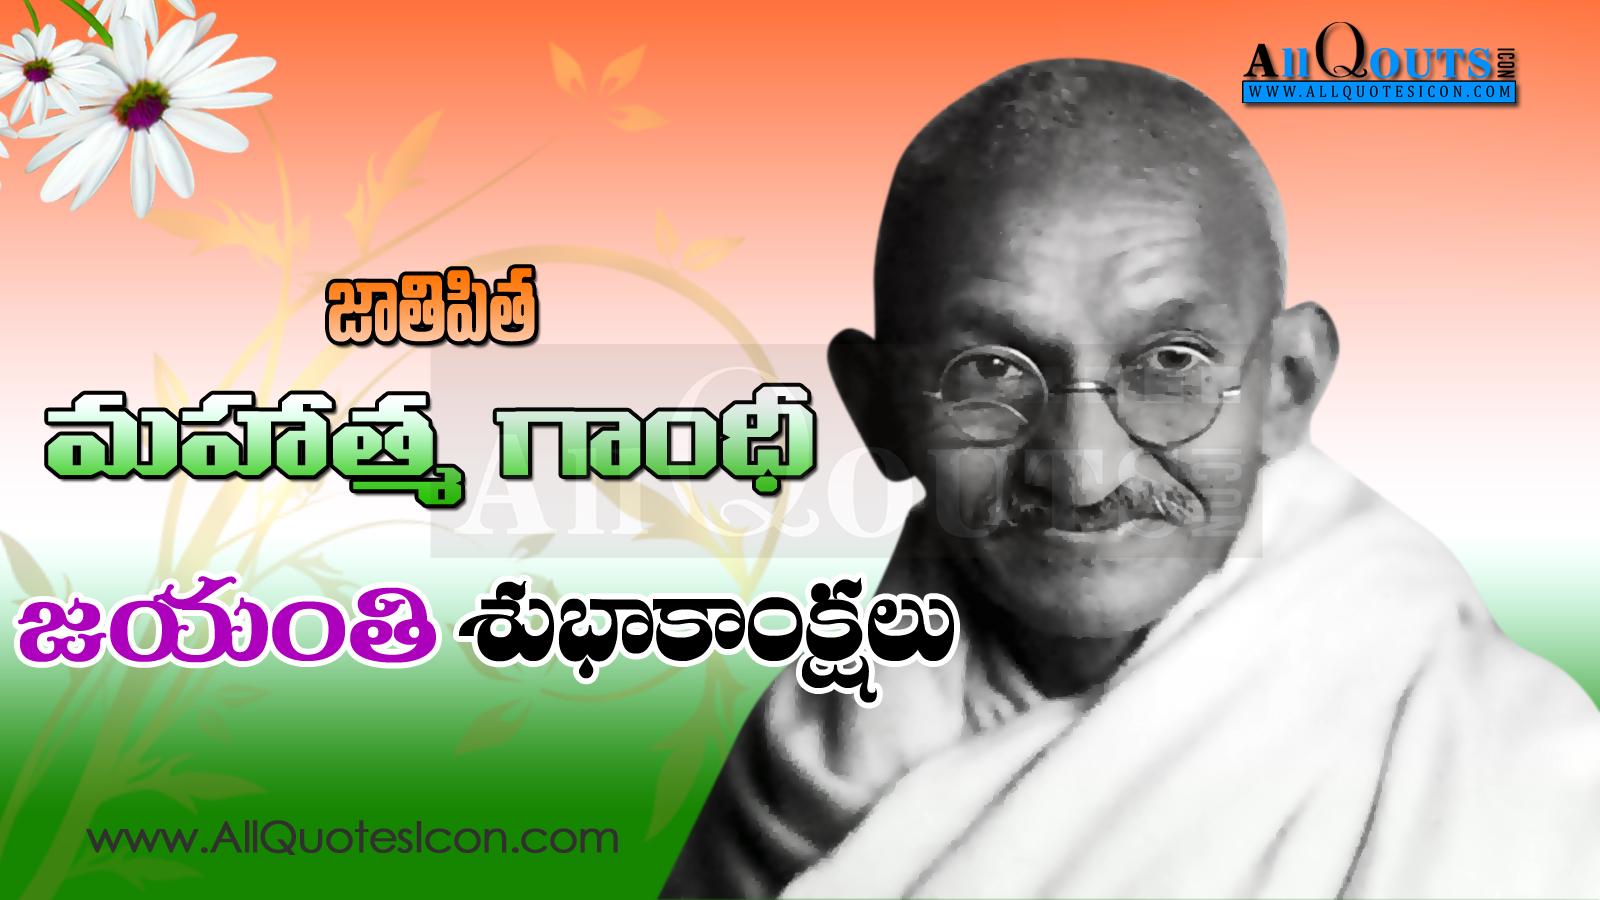 Happy Gandhi Jayanthi Greetings In Telugu Hd Wallpapers Best Gandhi